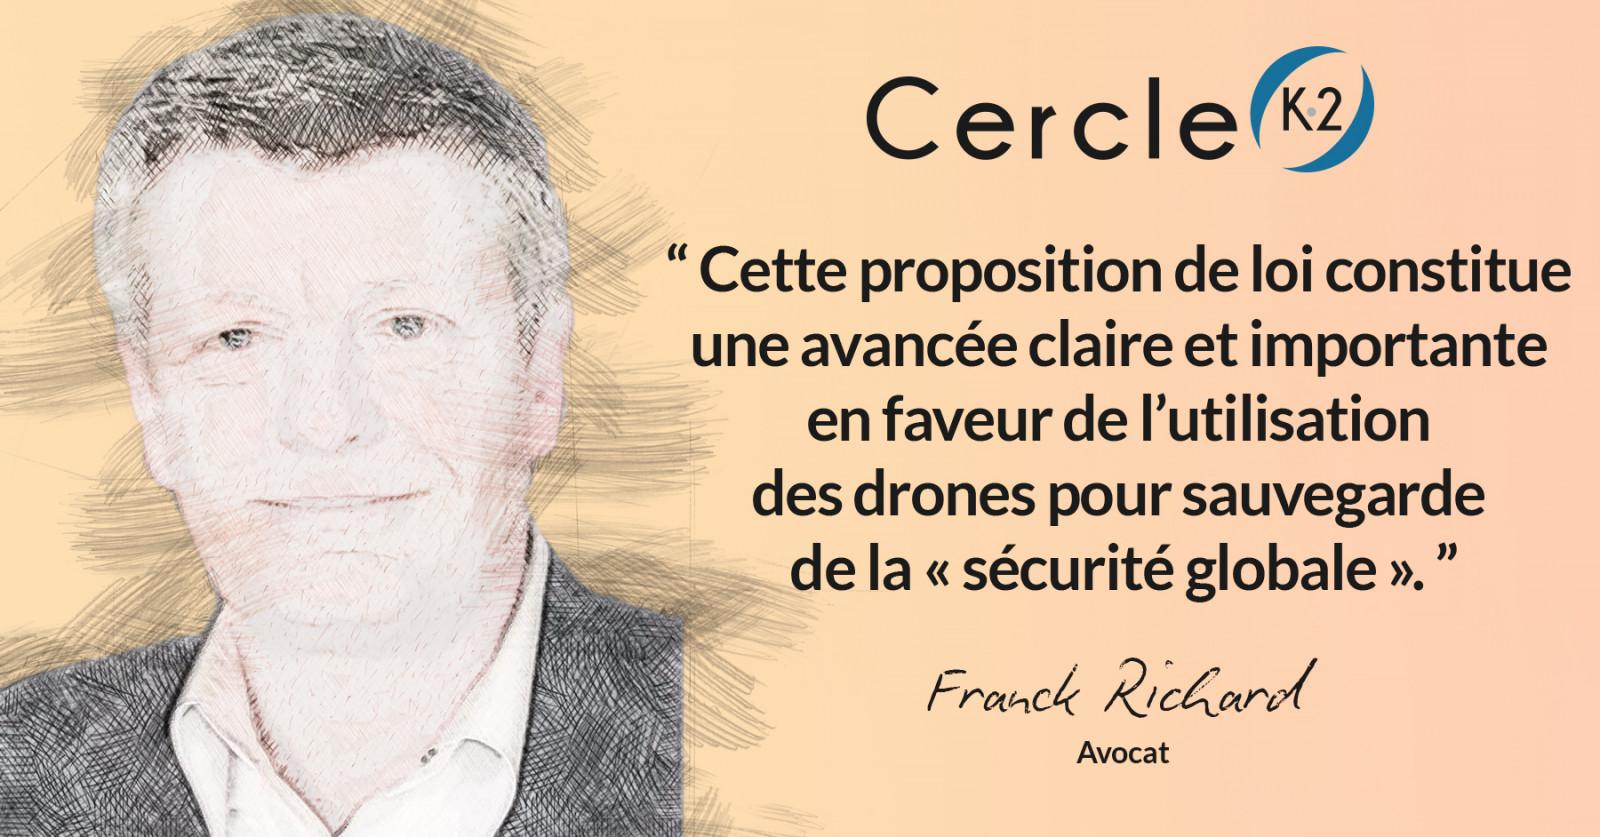 """Proposition de Loi n° 3452 de Monsieur Jean-Michel Fauvergue relative à la """"Sécurité globale"""" - Cercle K2"""